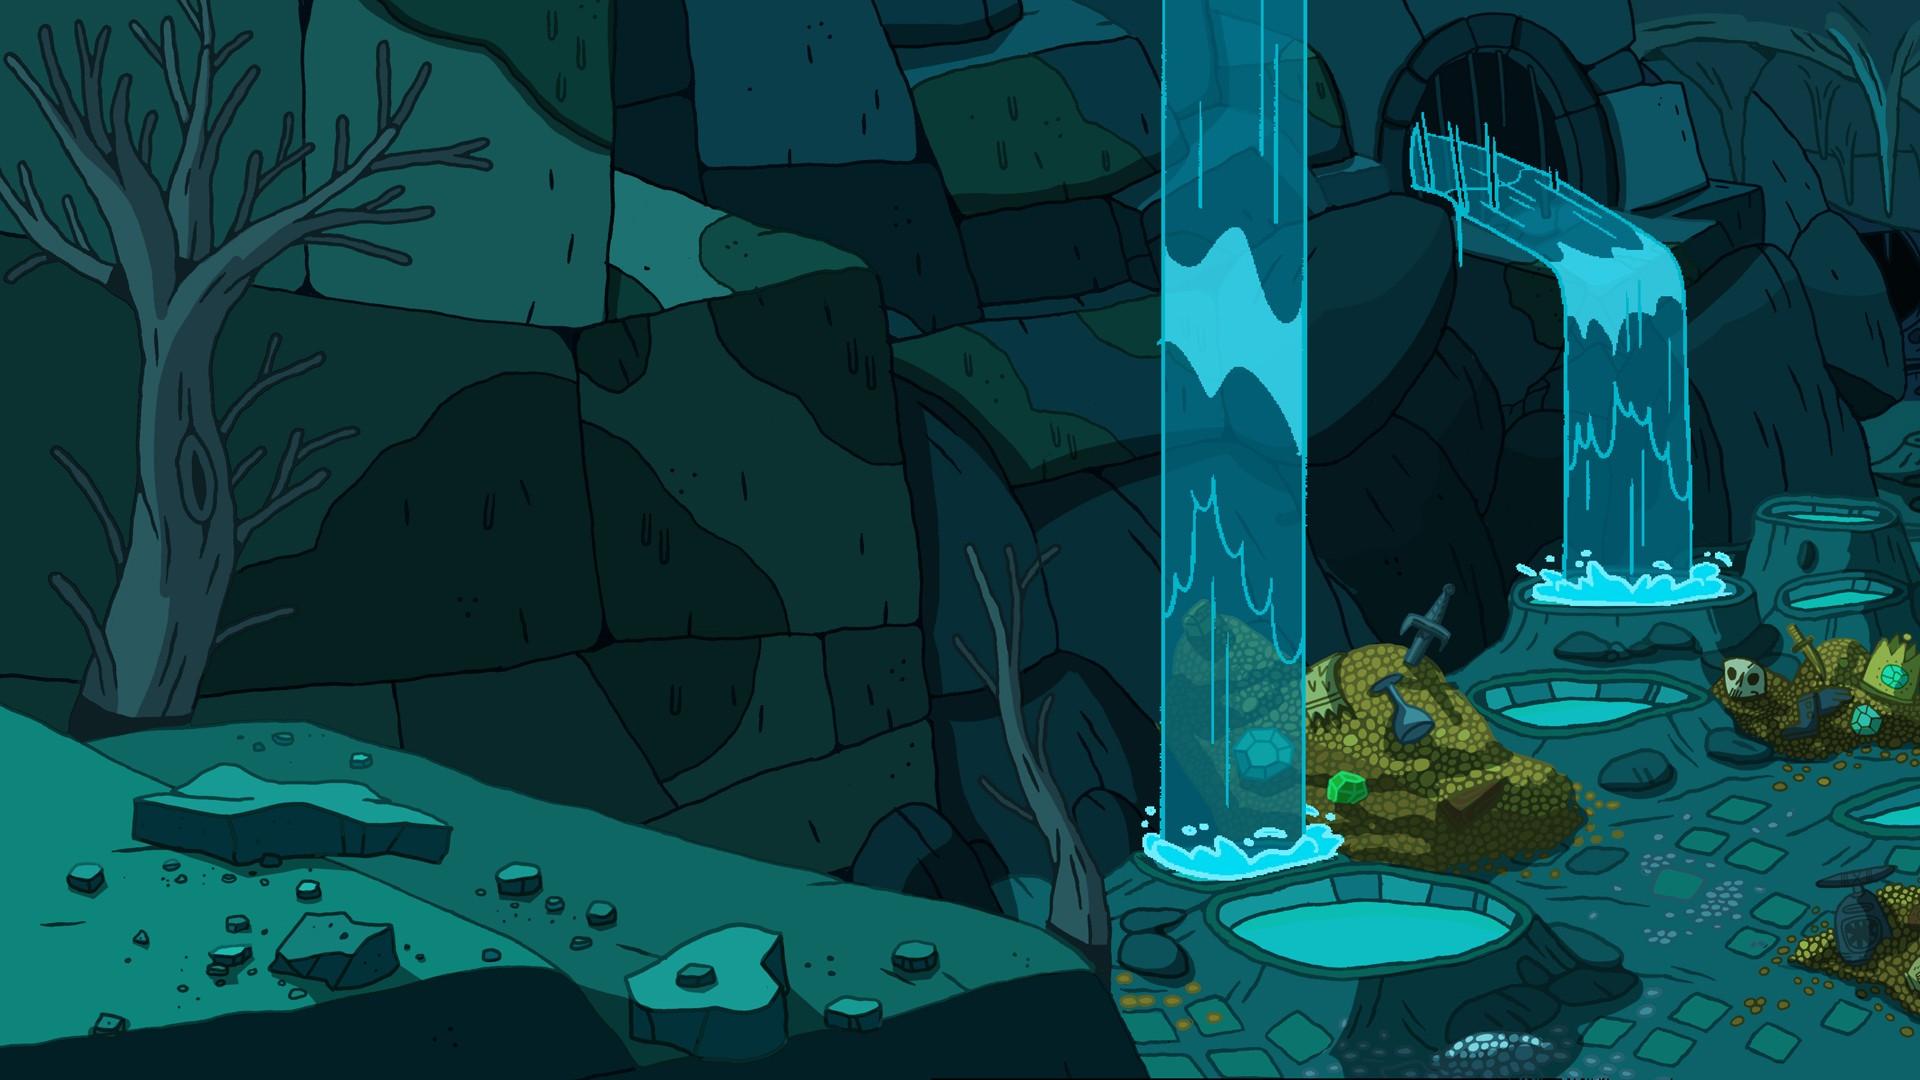 Adventure Time Landscape Art 1920x1080 Download Hd Wallpaper Wallpapertip